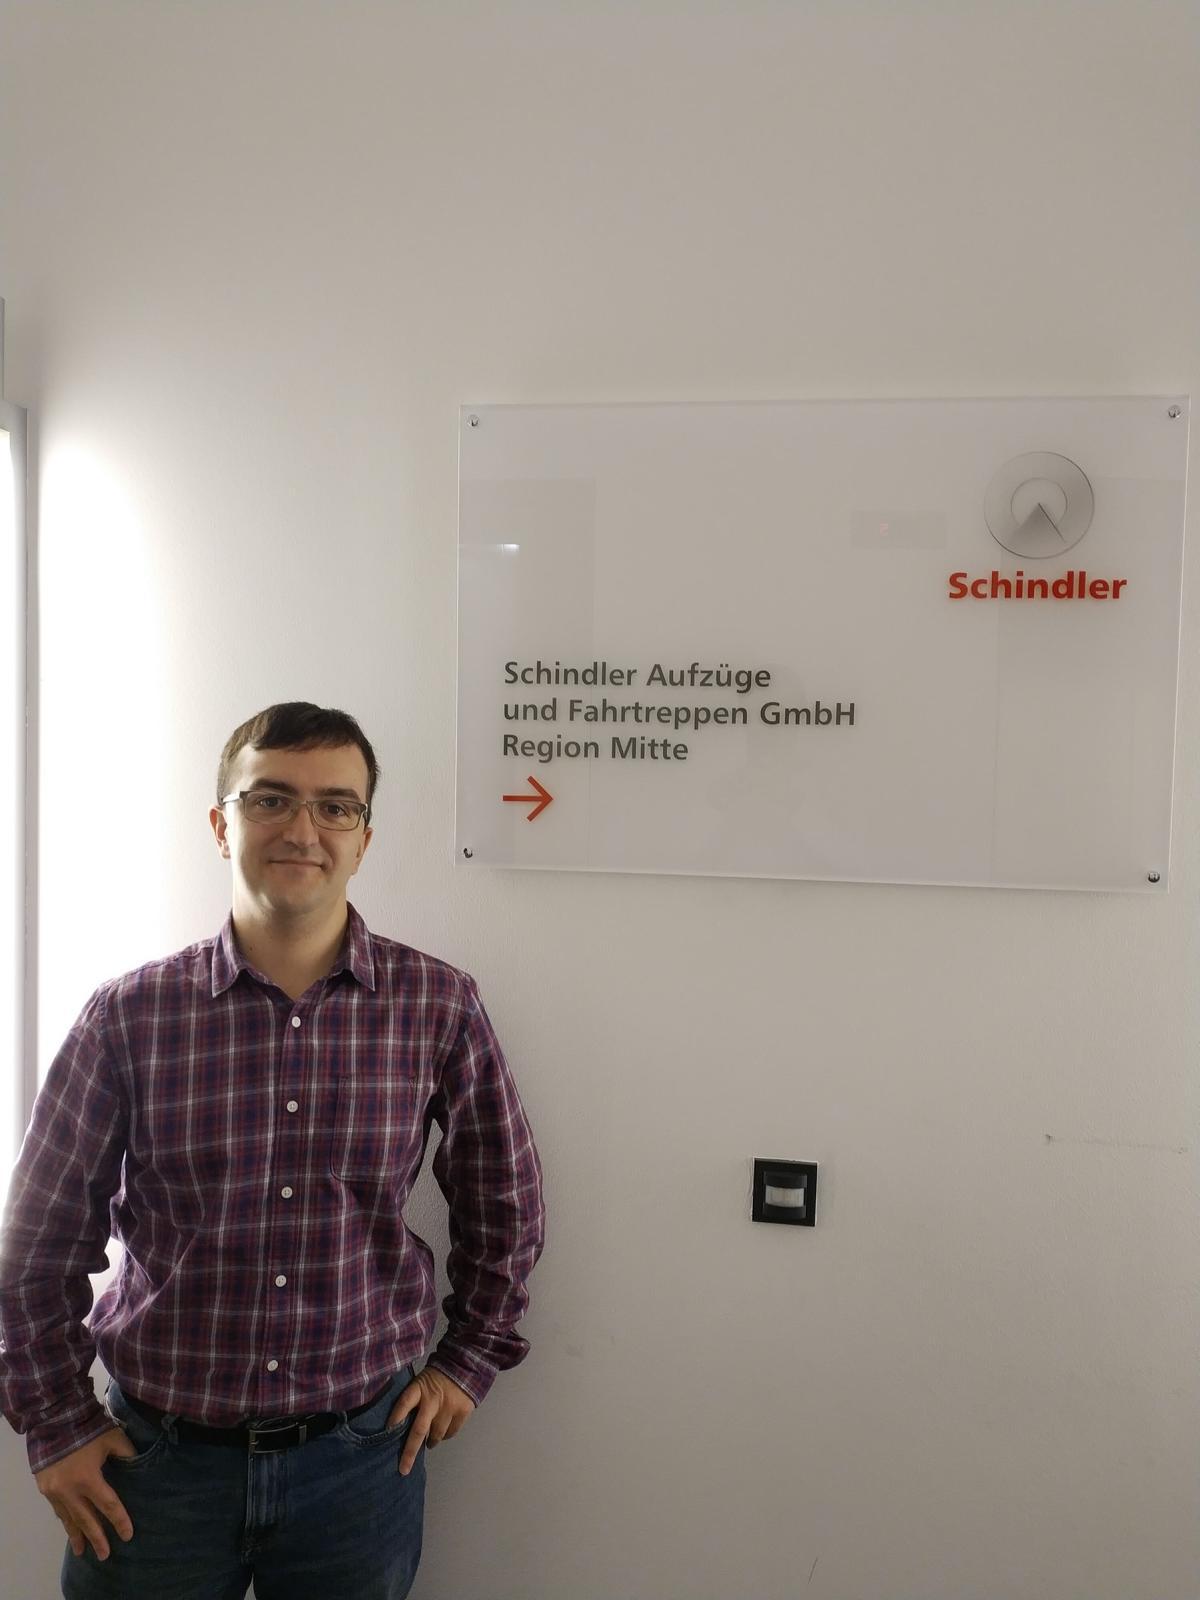 Schindler, Frankfurt